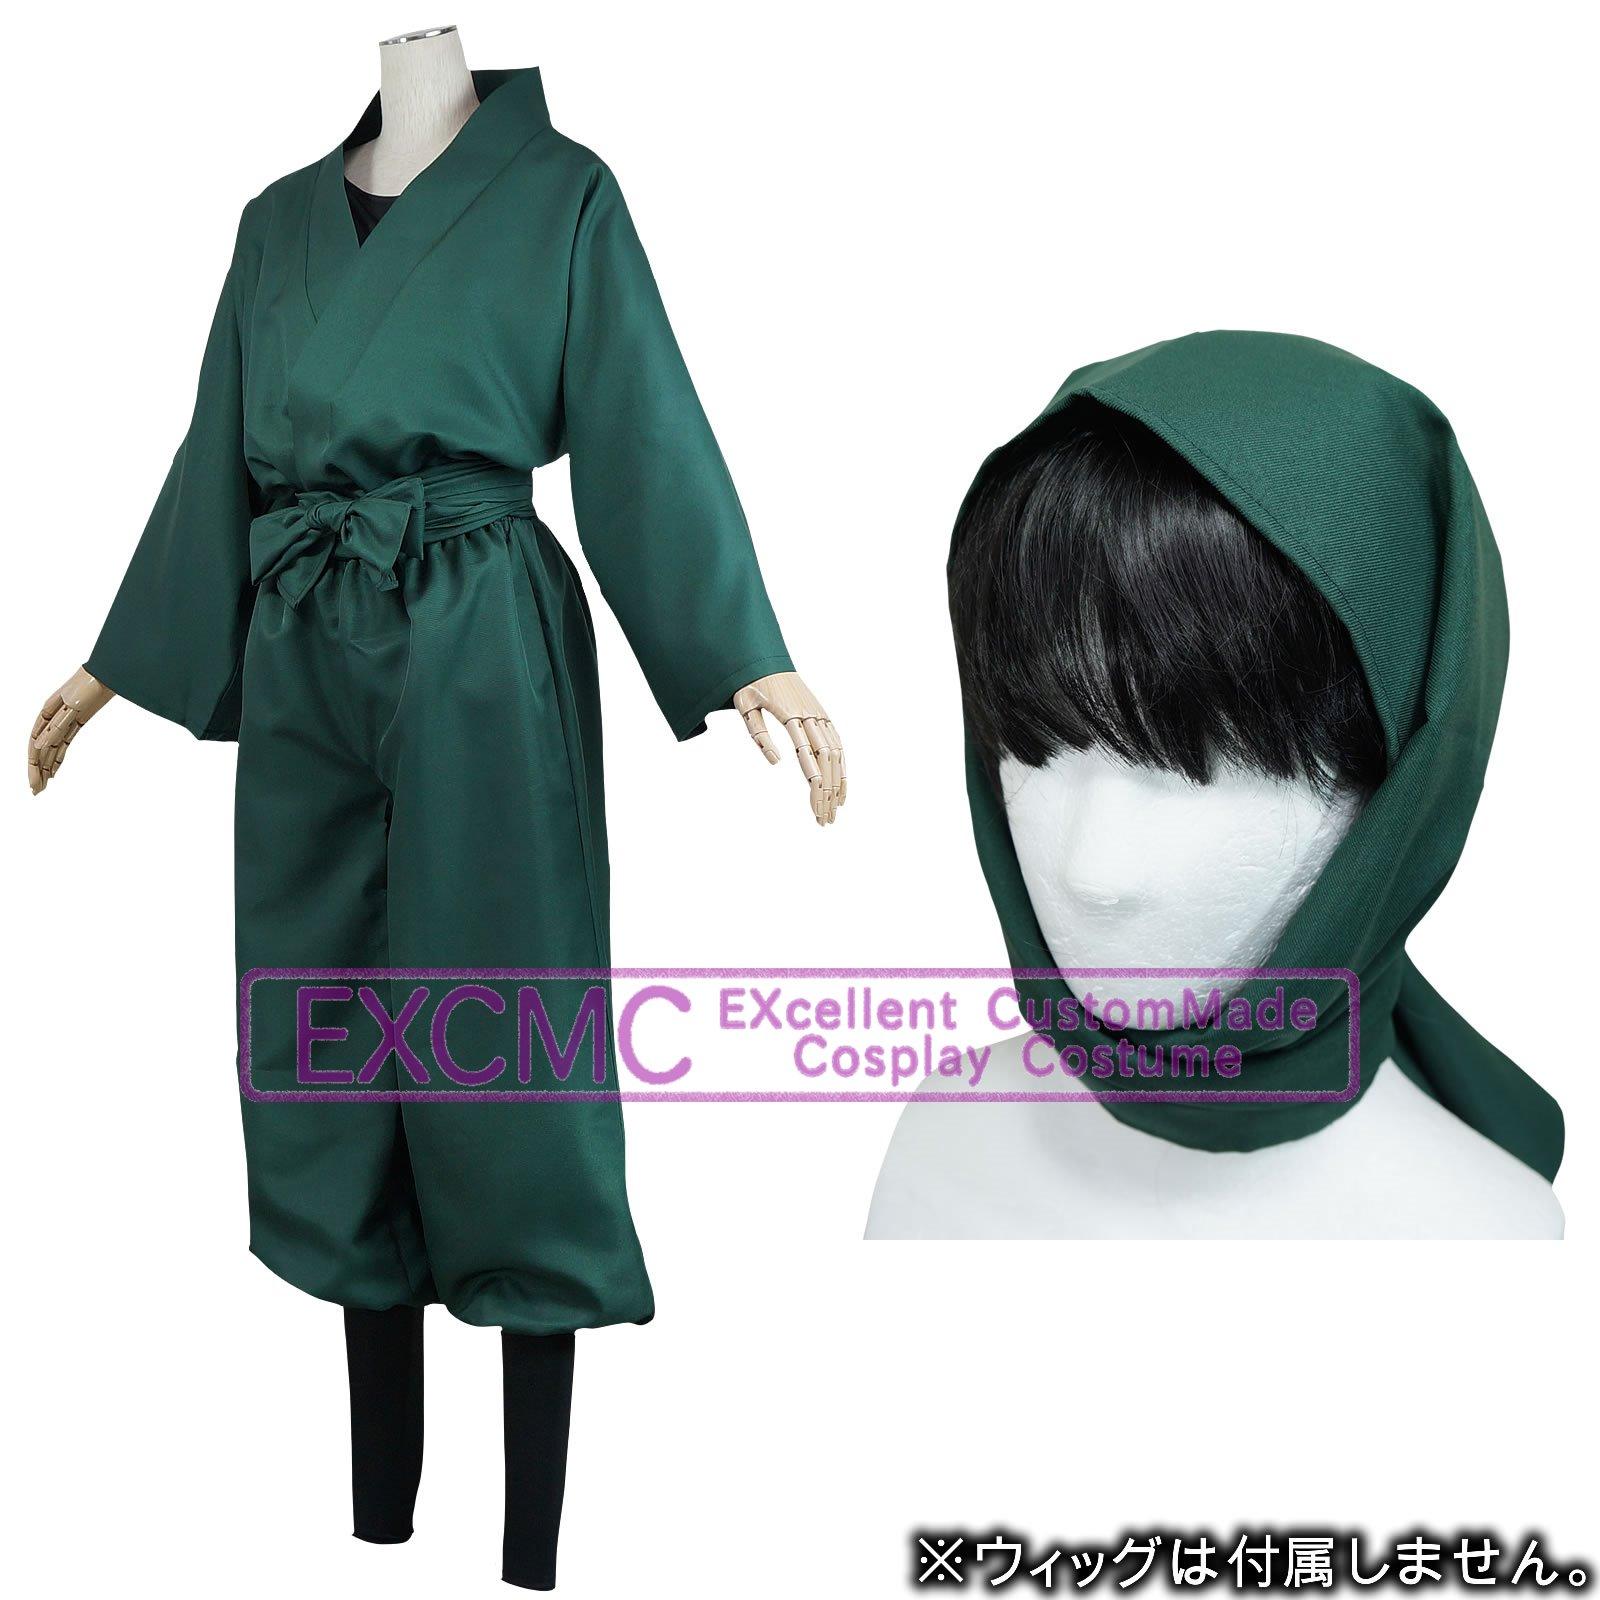 忍たま乱太郎 七松小平太 風 コスプレ衣装3